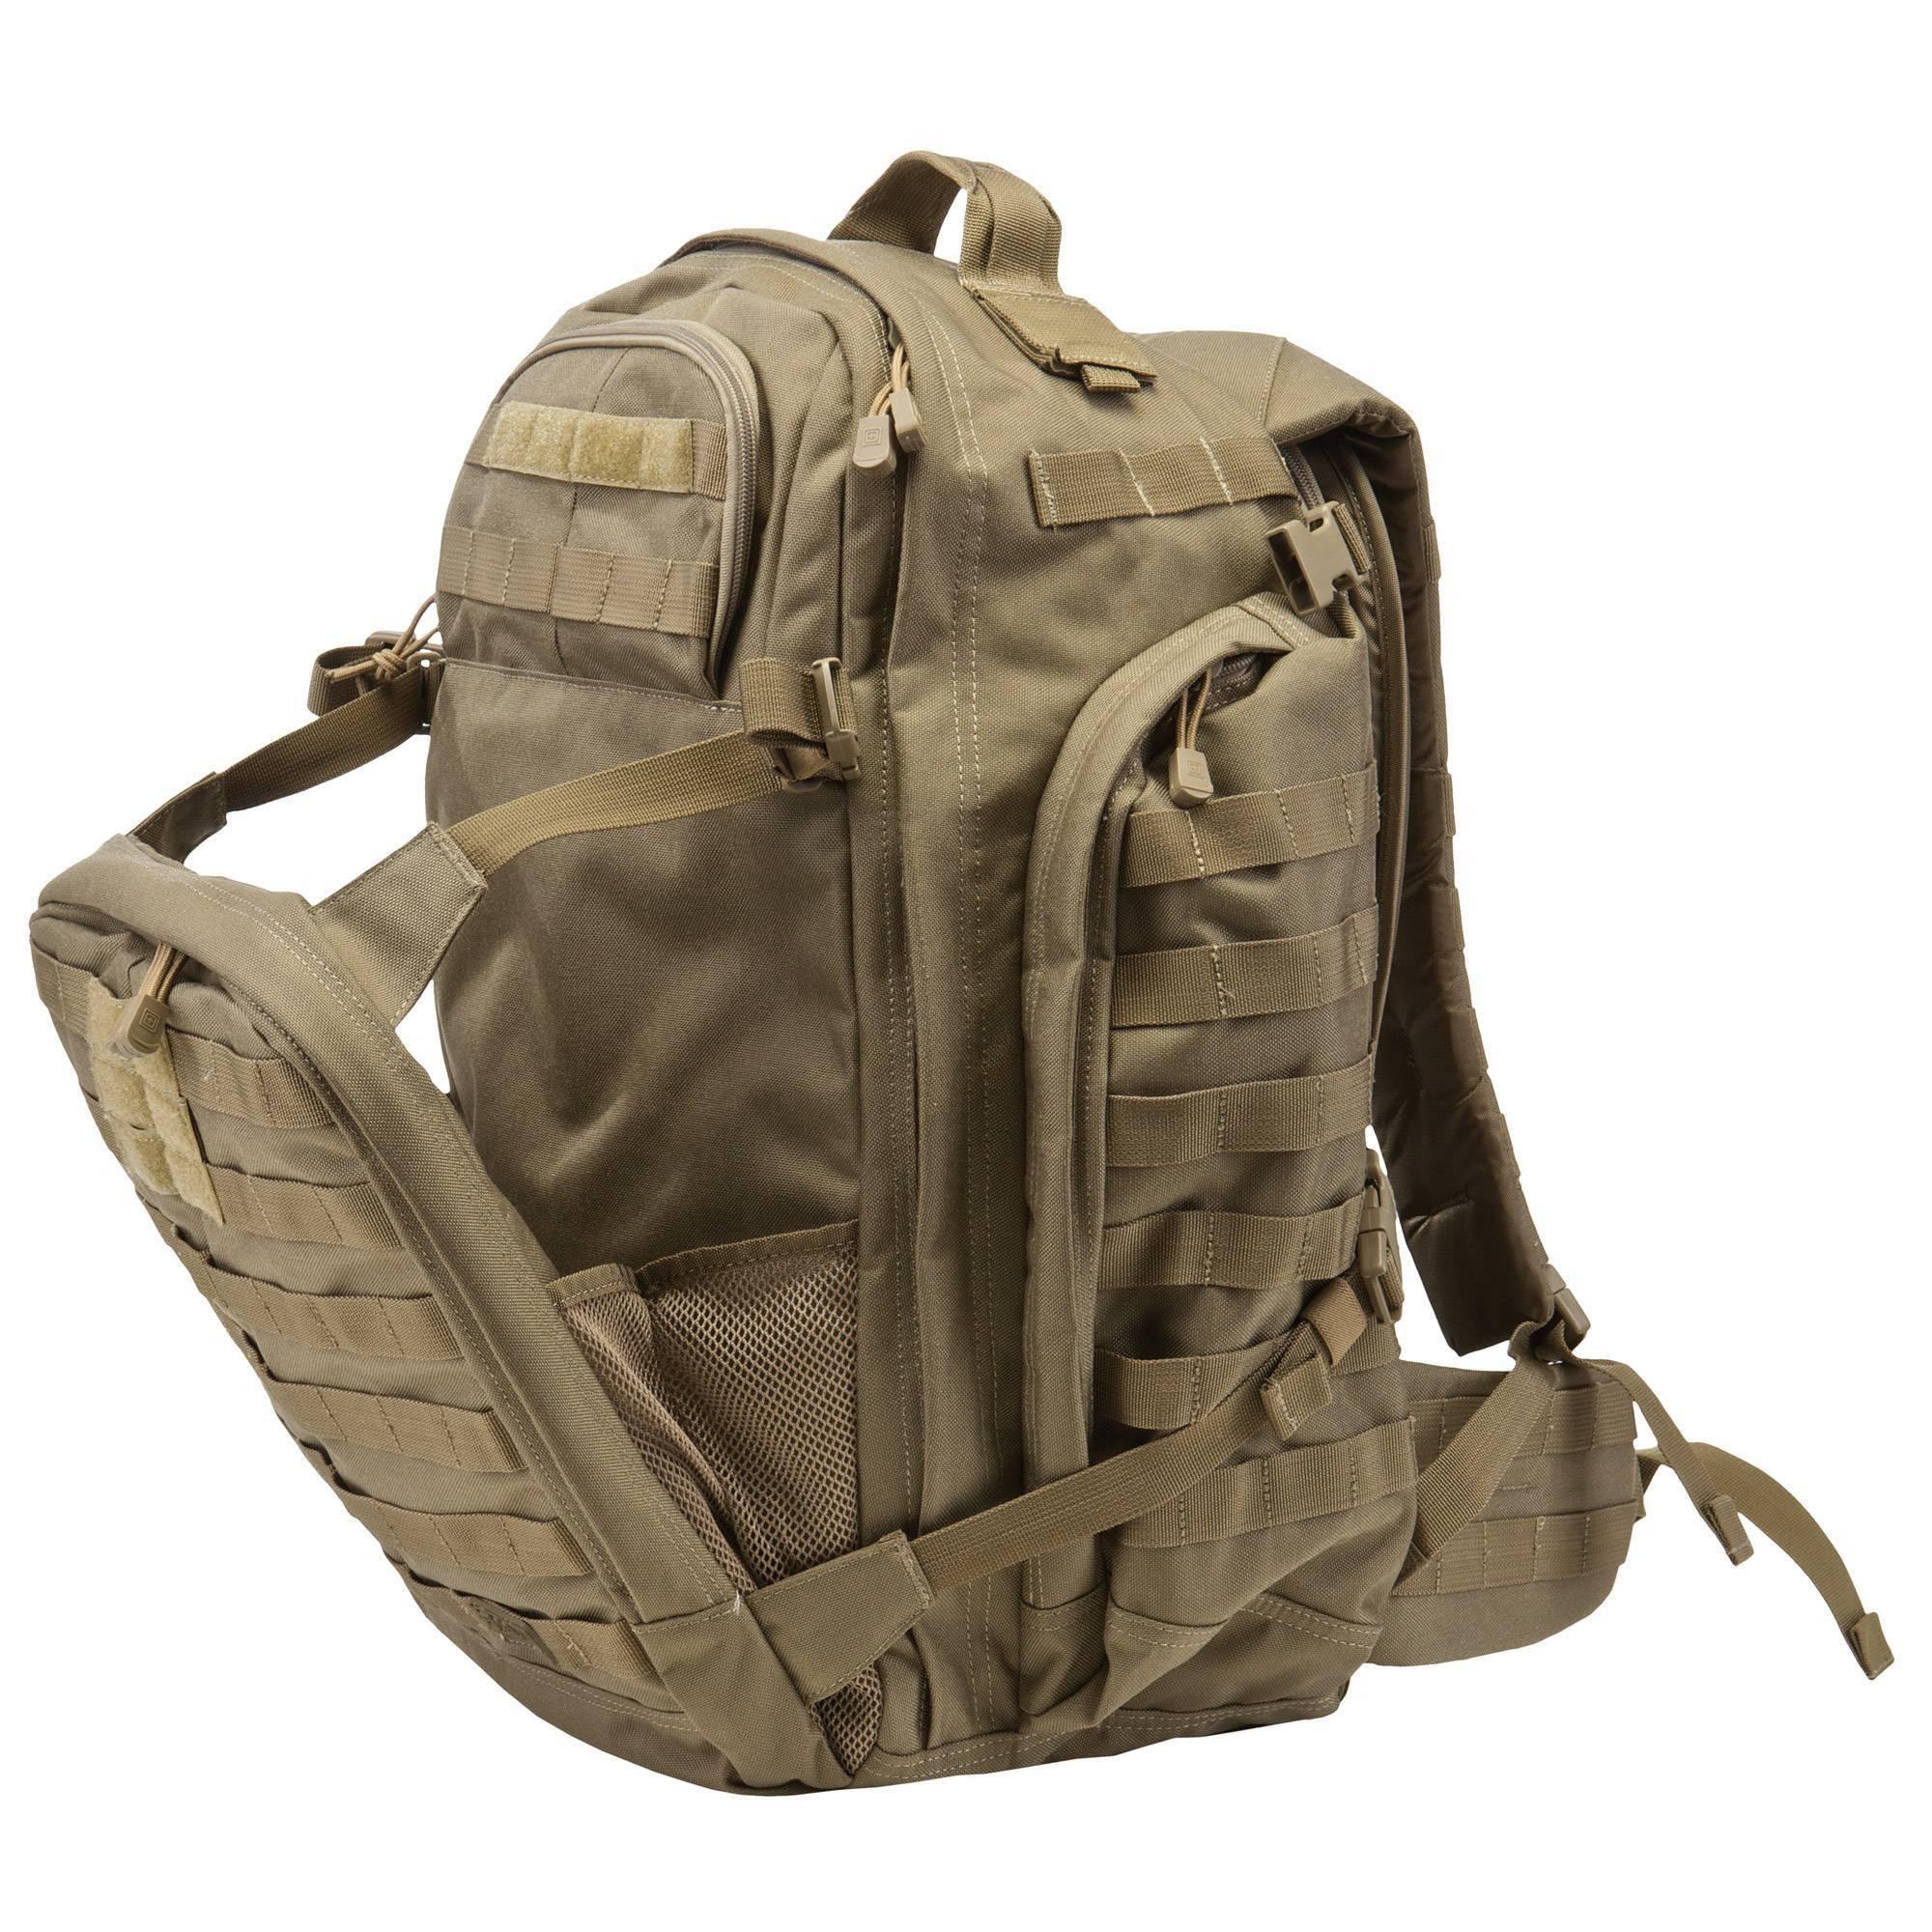 Тактический рюкзак 5.11 Tactical RUSH 72 Backpack TAC OD 58602-188